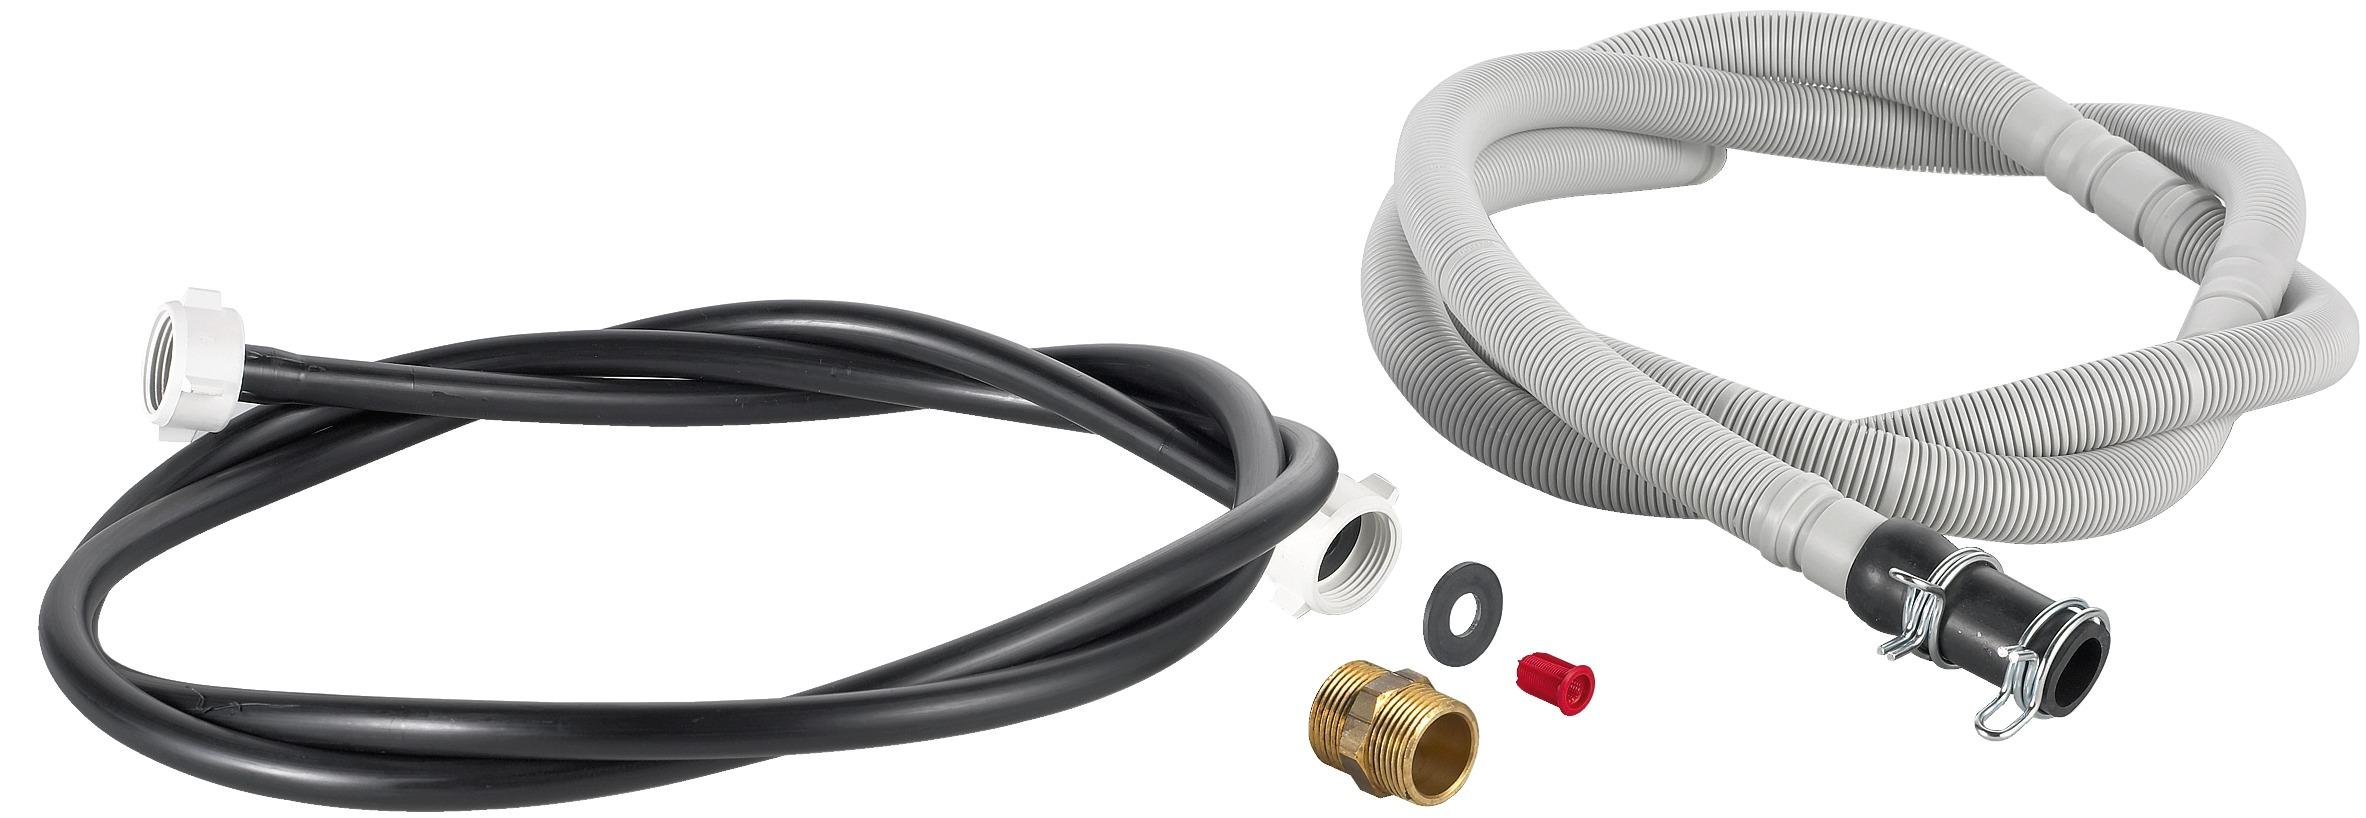 Bosch SGZ1010 Vaatwassers accessoire